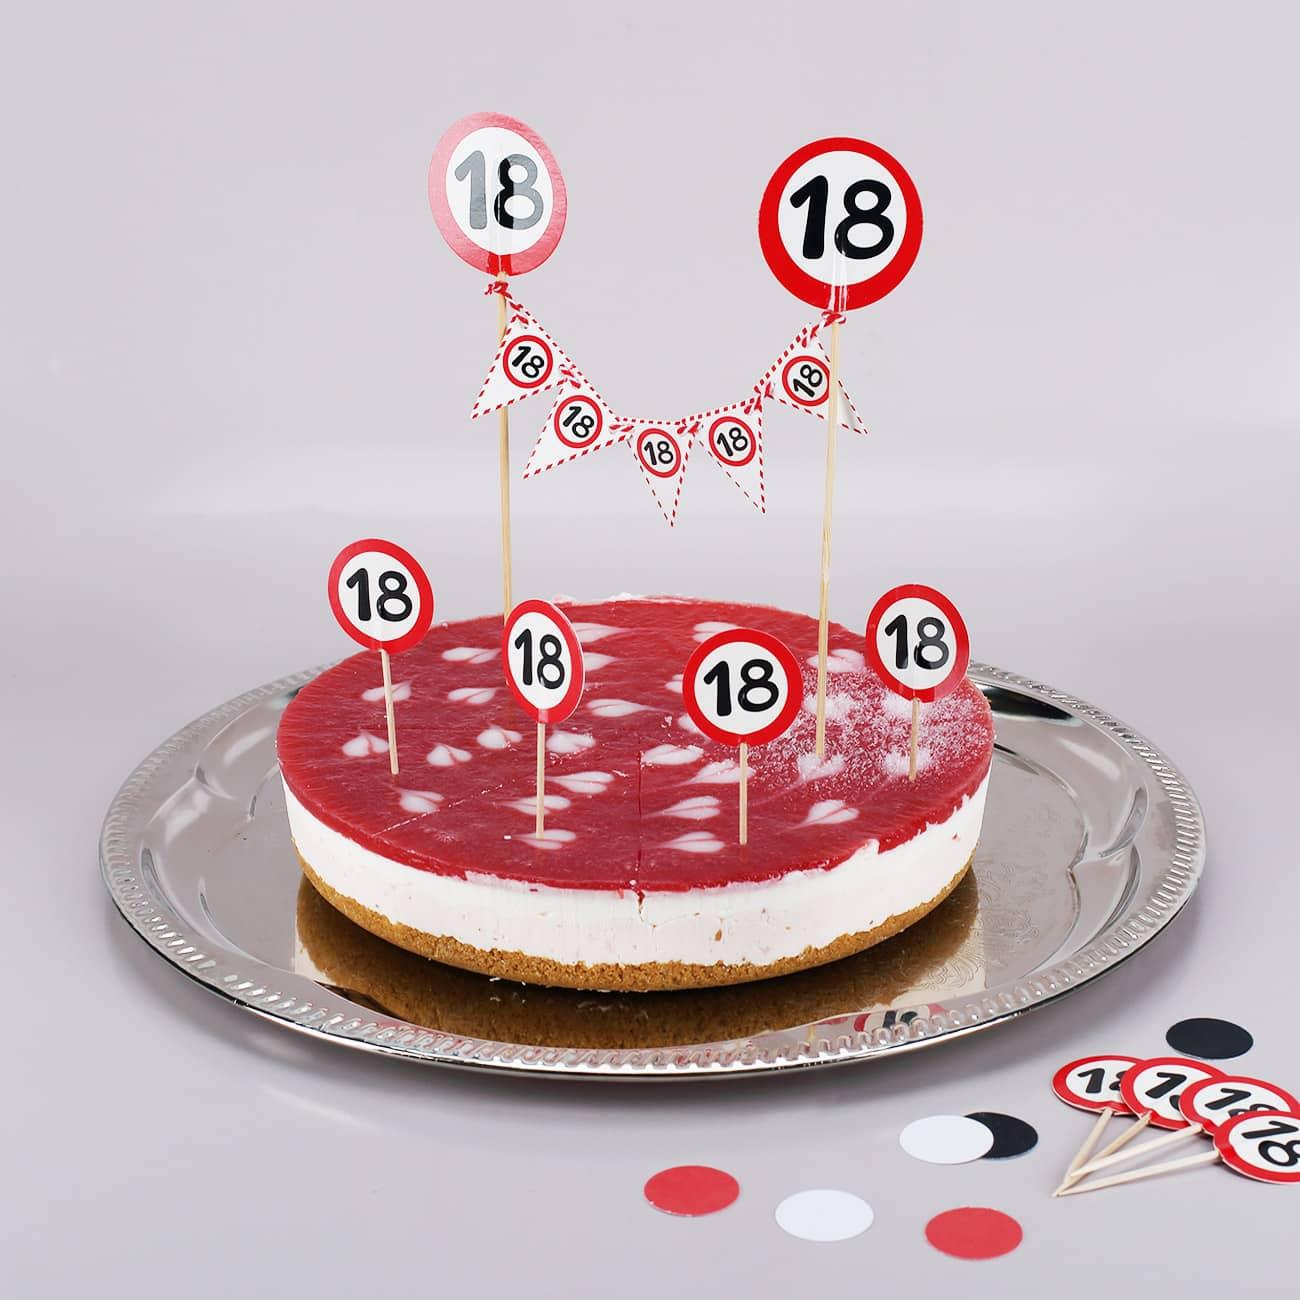 Tortendekoration Topper Dekoset Zum 18 Geburtstag